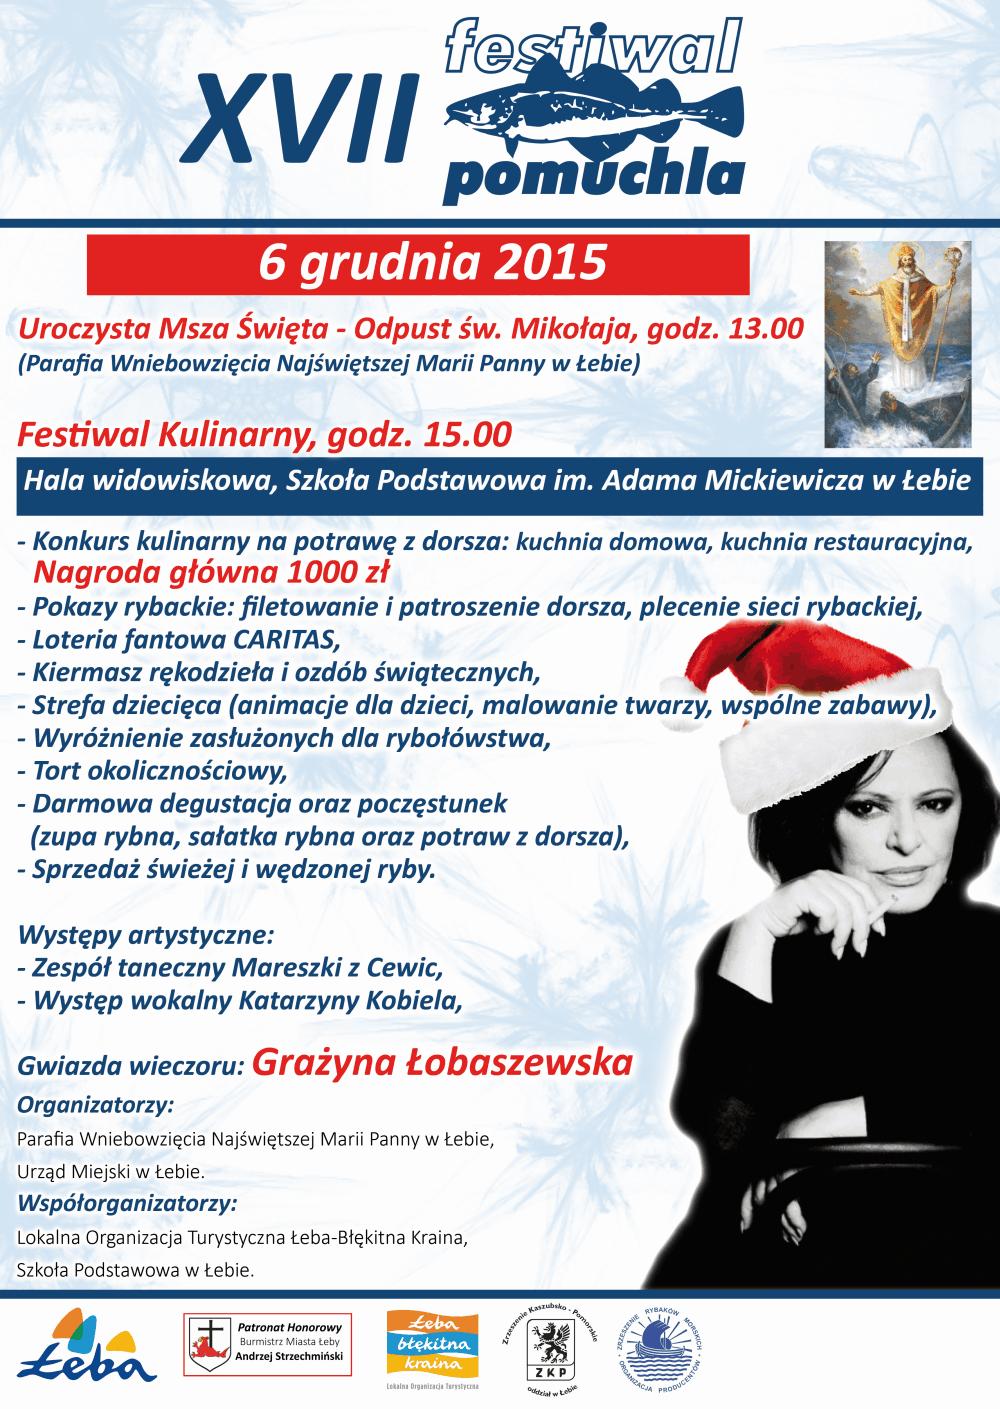 XVII_Festiwal_Pomuchla